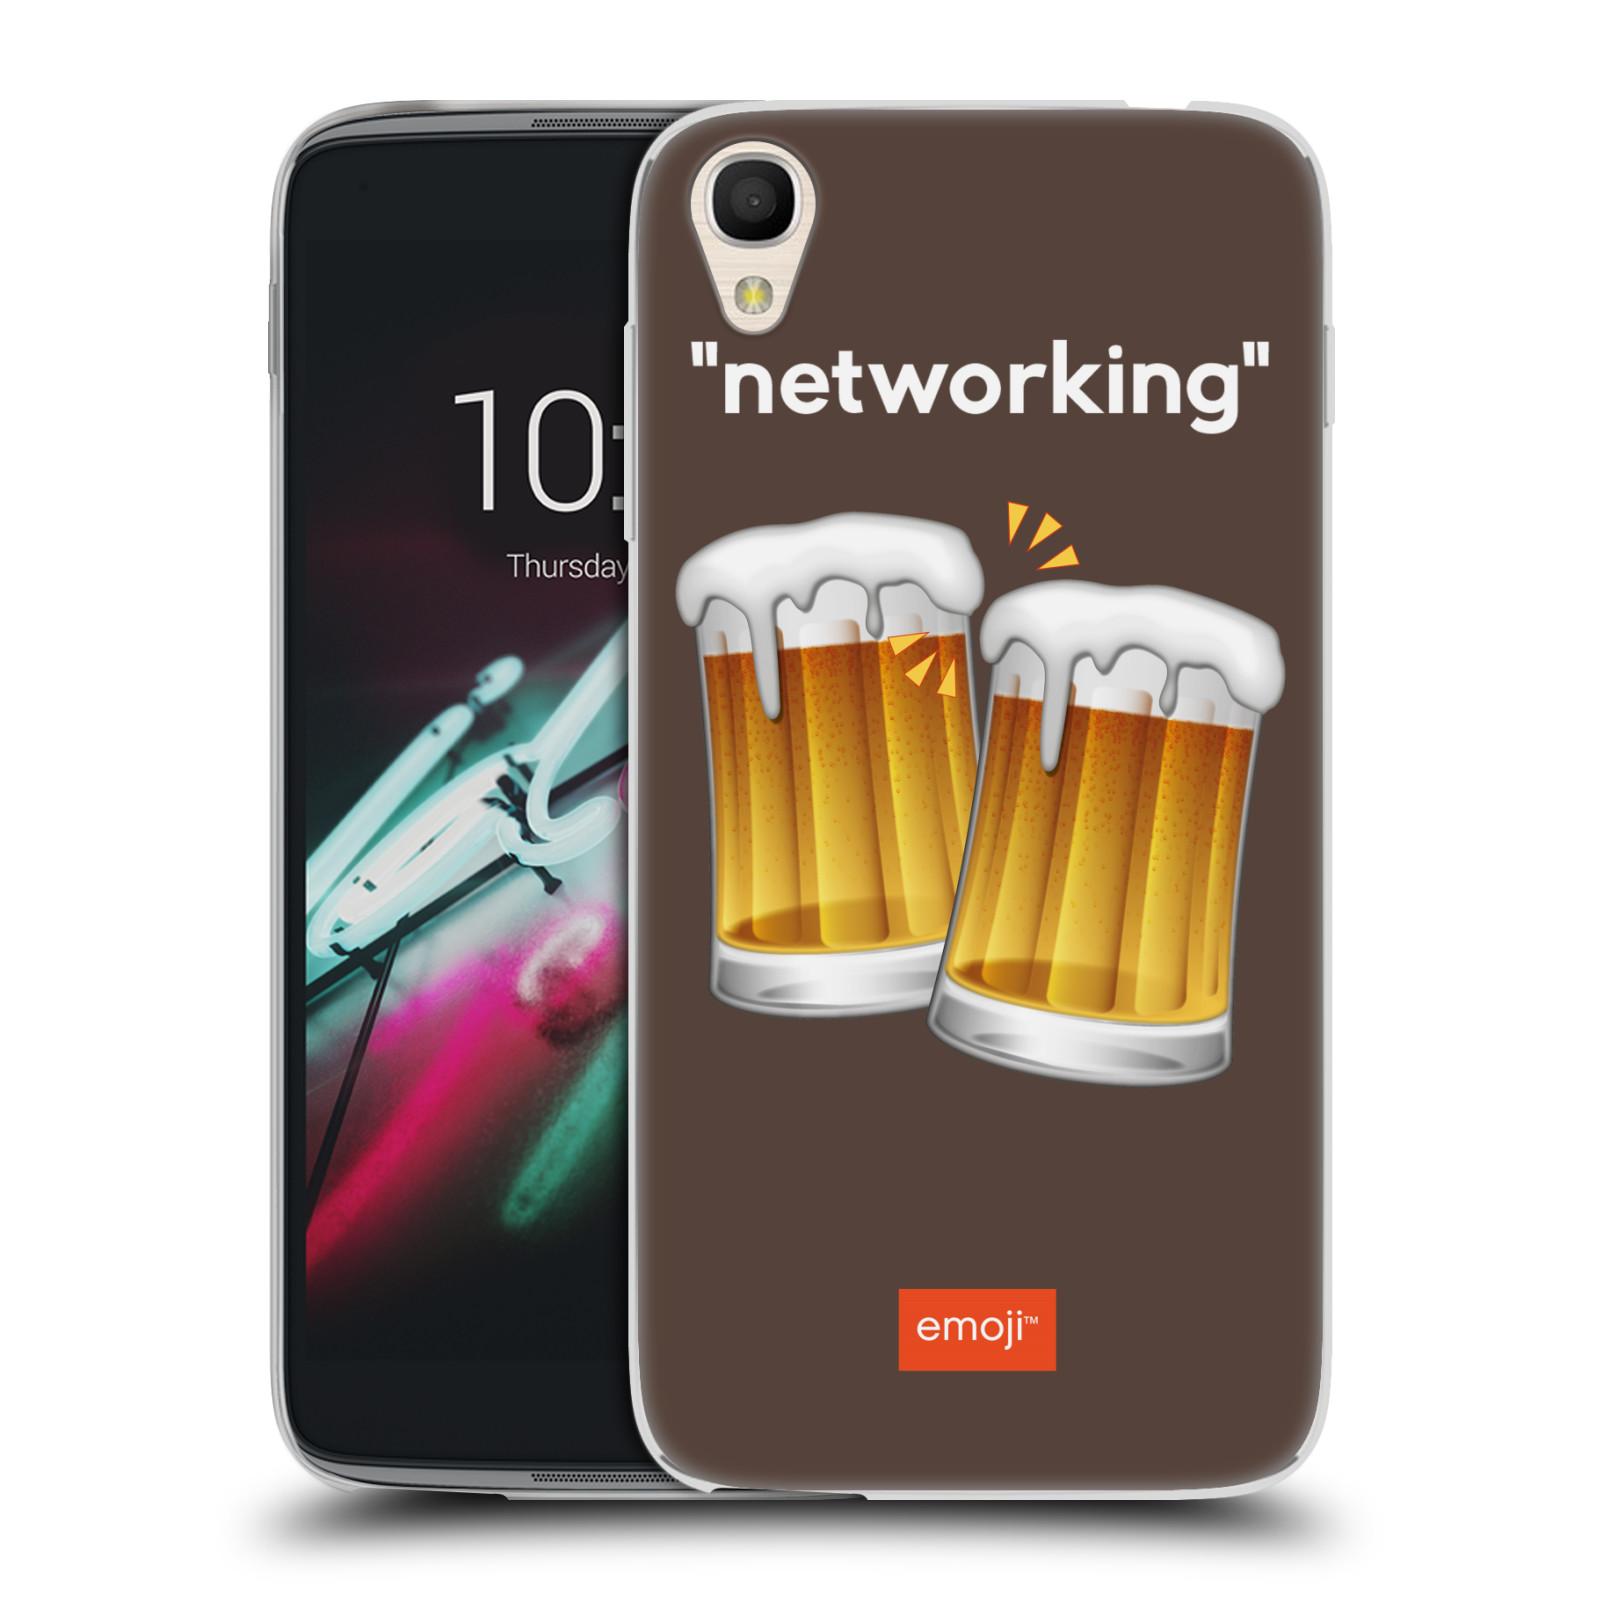 """Silikonové pouzdro na mobil Alcatel One Touch 6039Y Idol 3 HEAD CASE EMOJI - Pivní networking (Silikonový kryt či obal s oficiálním motivem EMOJI na mobilní telefon Alcatel One Touch Idol 3 OT-6039Y s 4,7"""" displejem)"""